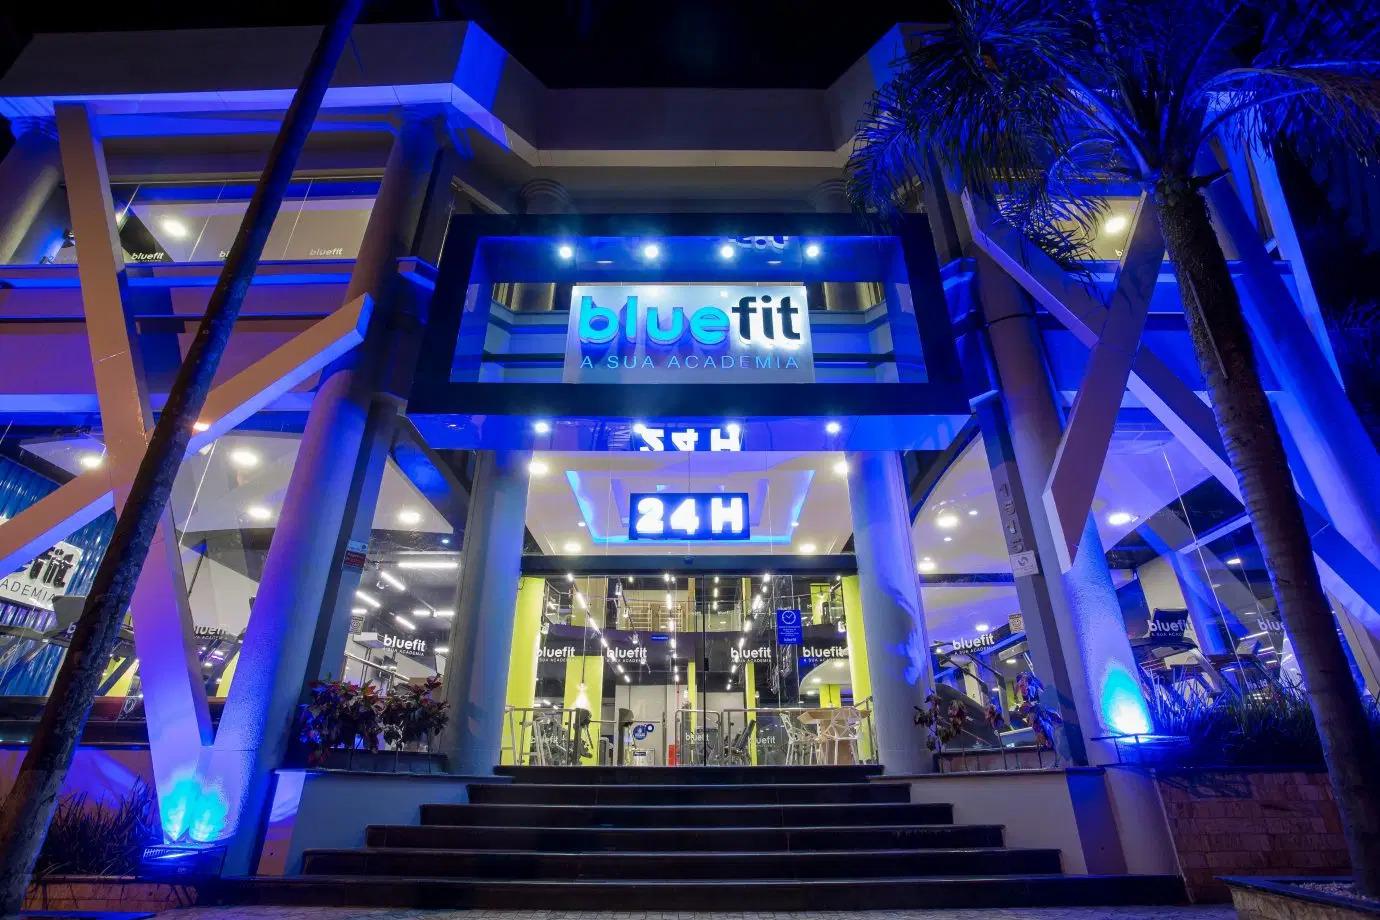 En Brasil, SmartFit y Selfit se estarían disputando a Bluefit